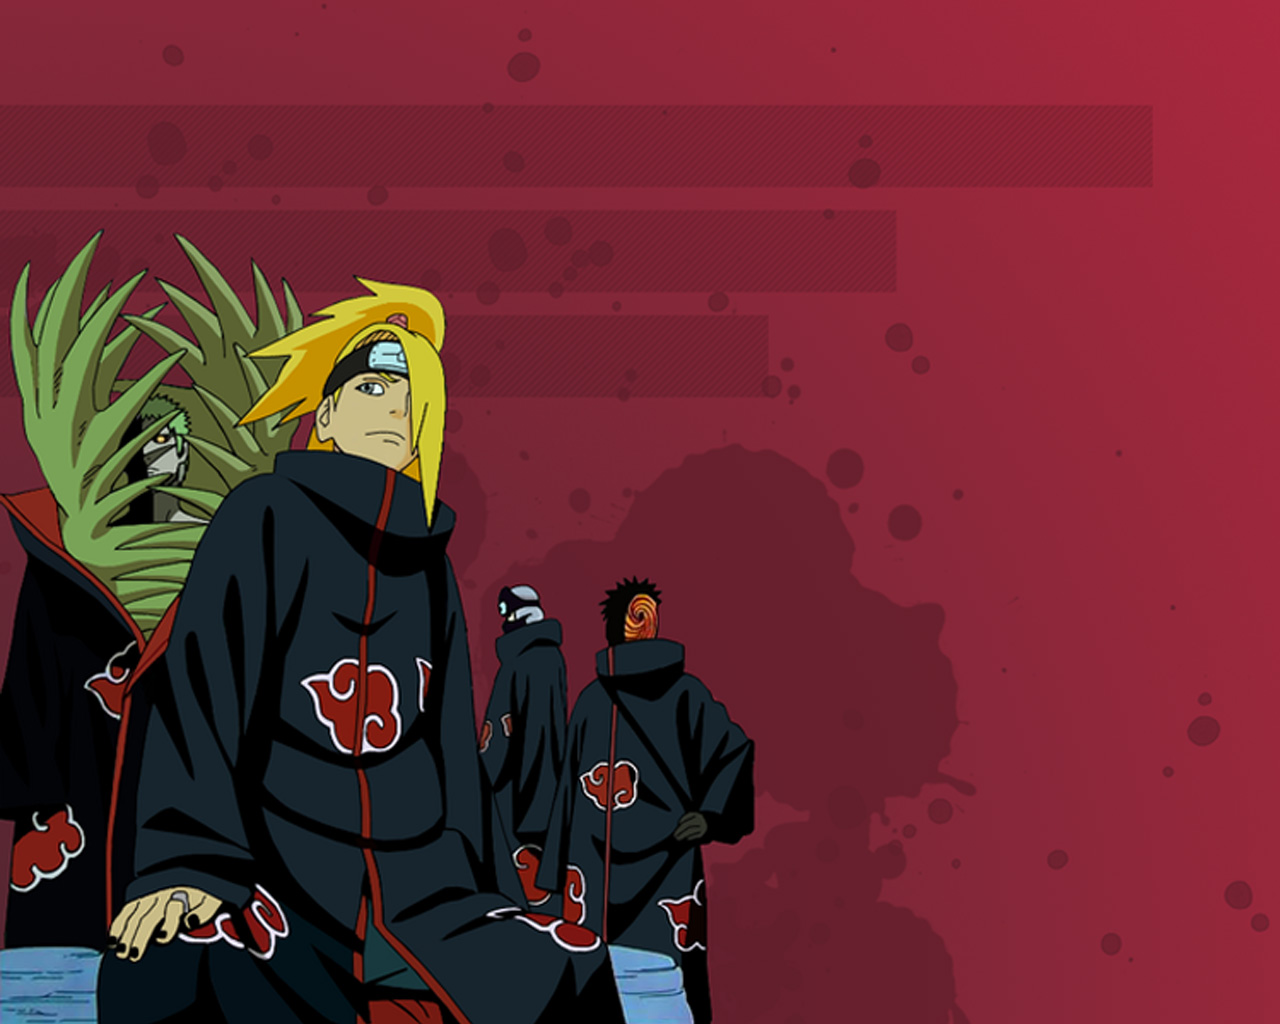 http://2.bp.blogspot.com/-ILNfyZfUHY0/Tcq8IqyEHUI/AAAAAAAAA38/F1S93GKtBME/s1600/akatsuki-deidara-tobi-kakuzu-zetsu-large.jpg